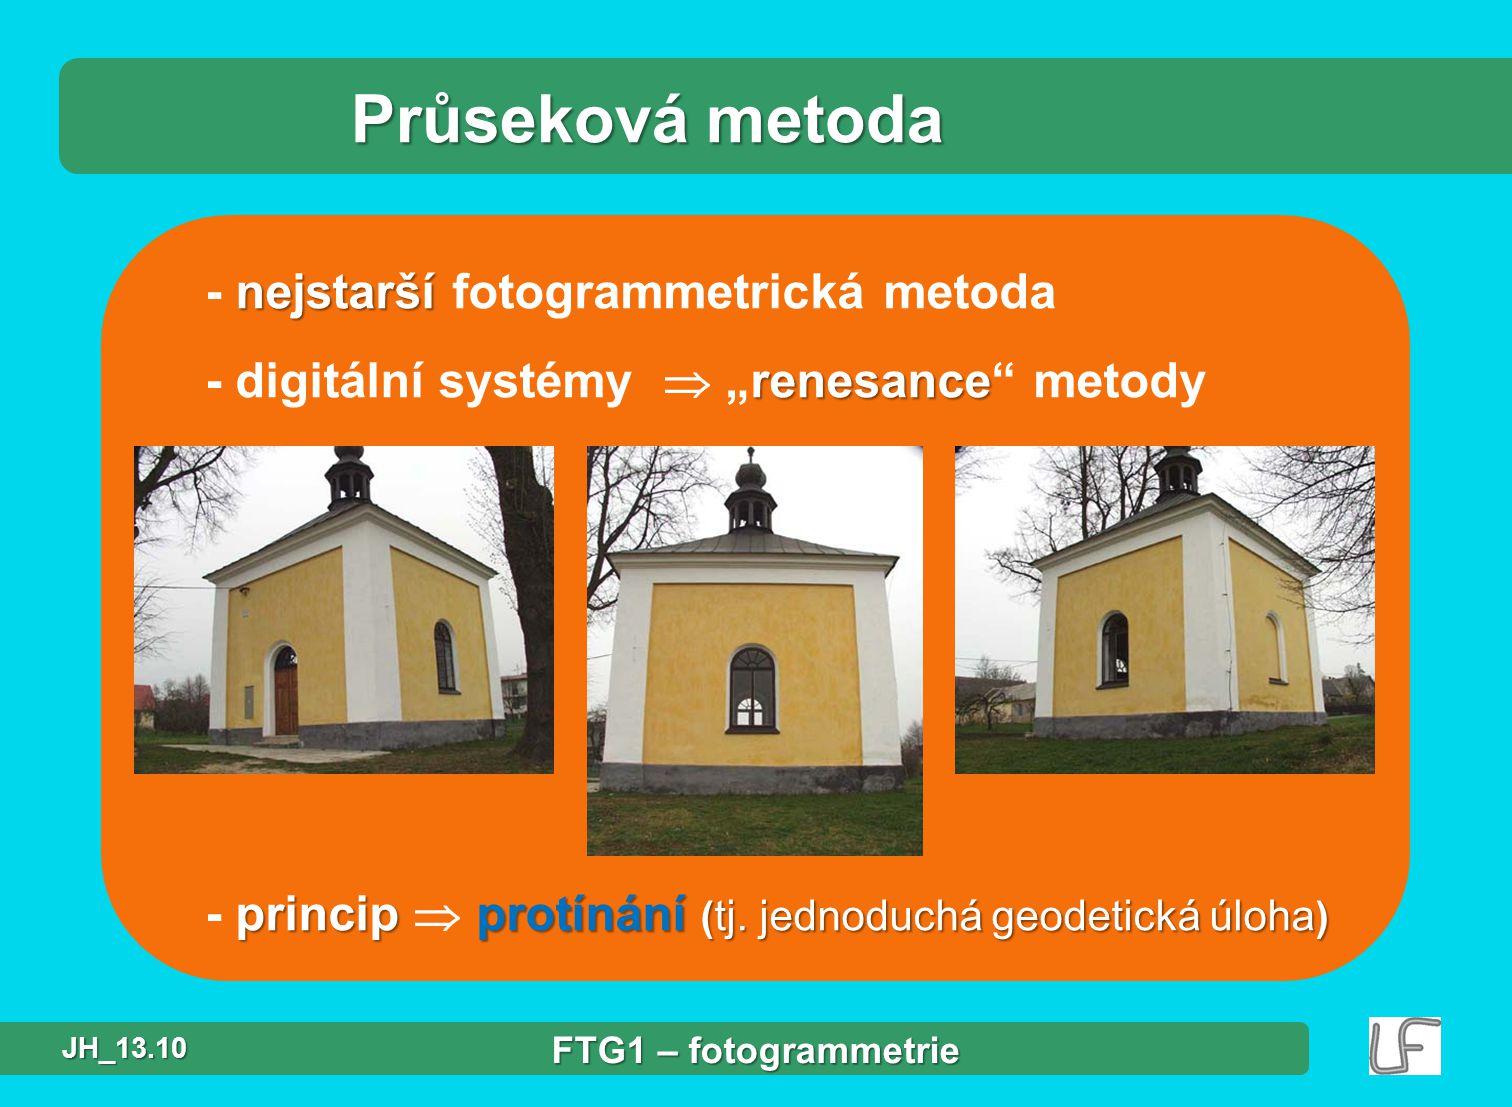 Průseková metoda - nejstarší fotogrammetrická metoda